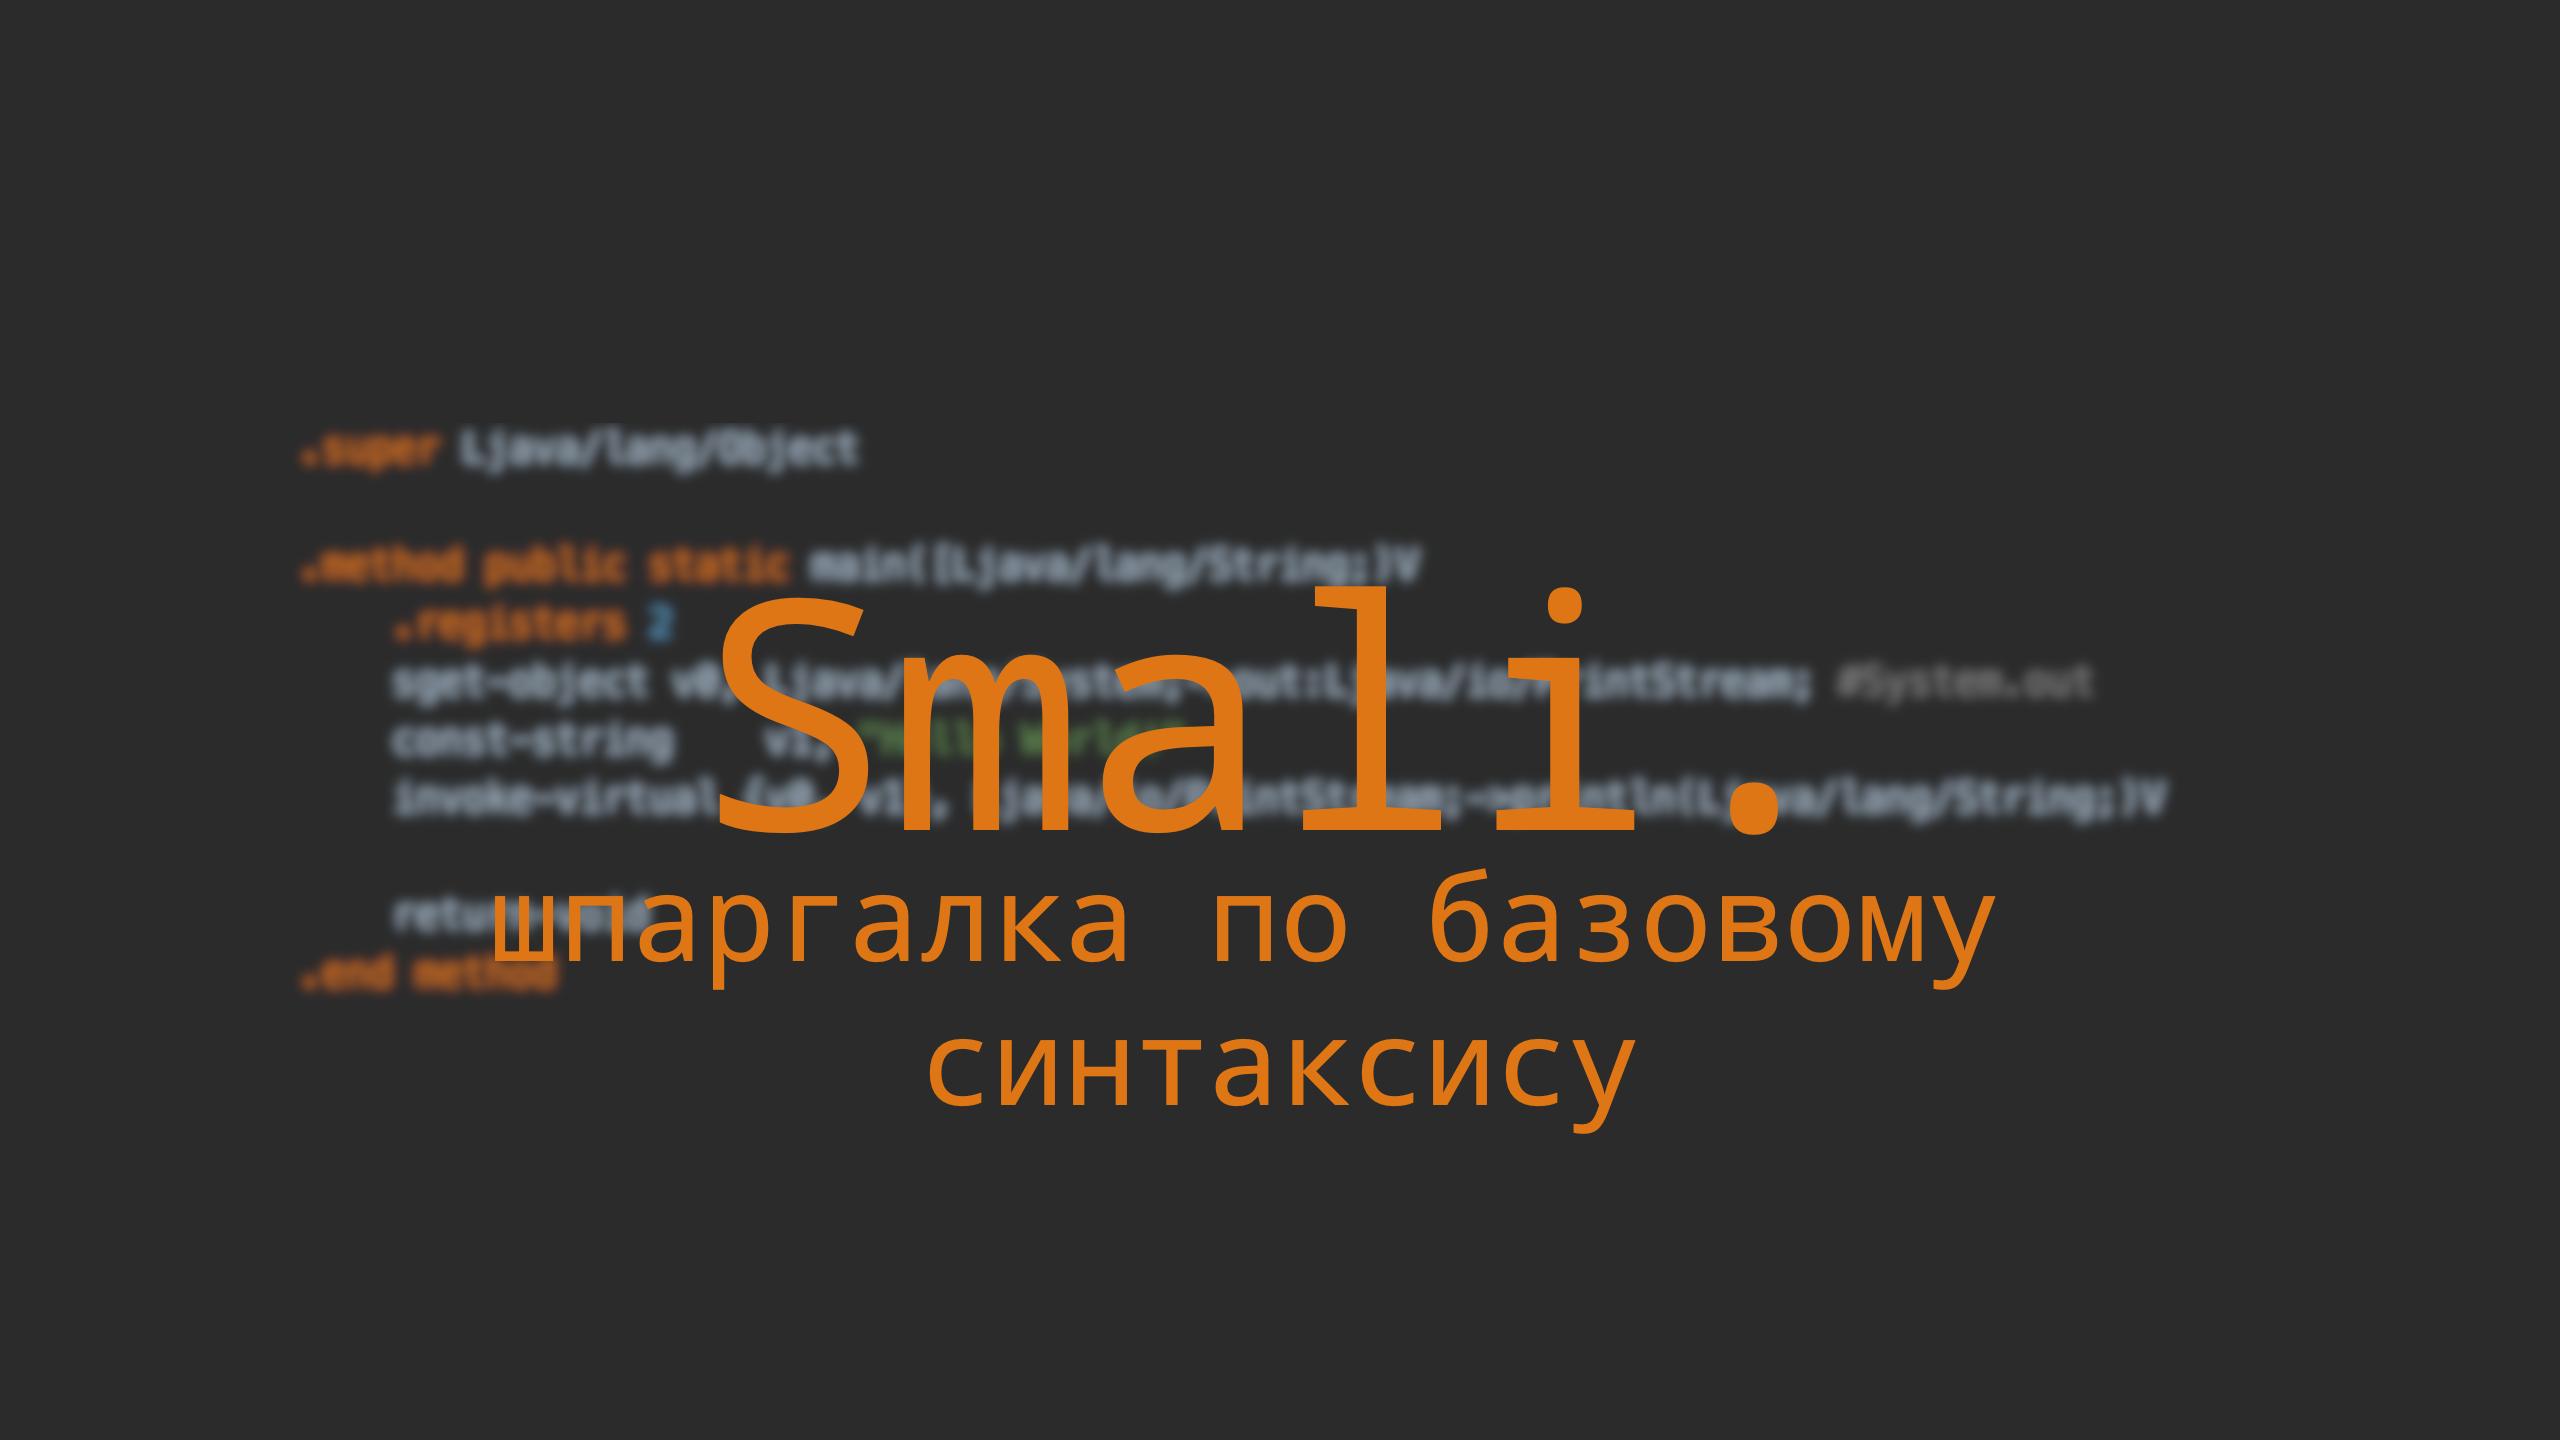 Шпаргалка по Smali на Русском — IT-МИР. ПОМОЩЬ В IT-МИРЕ 2021